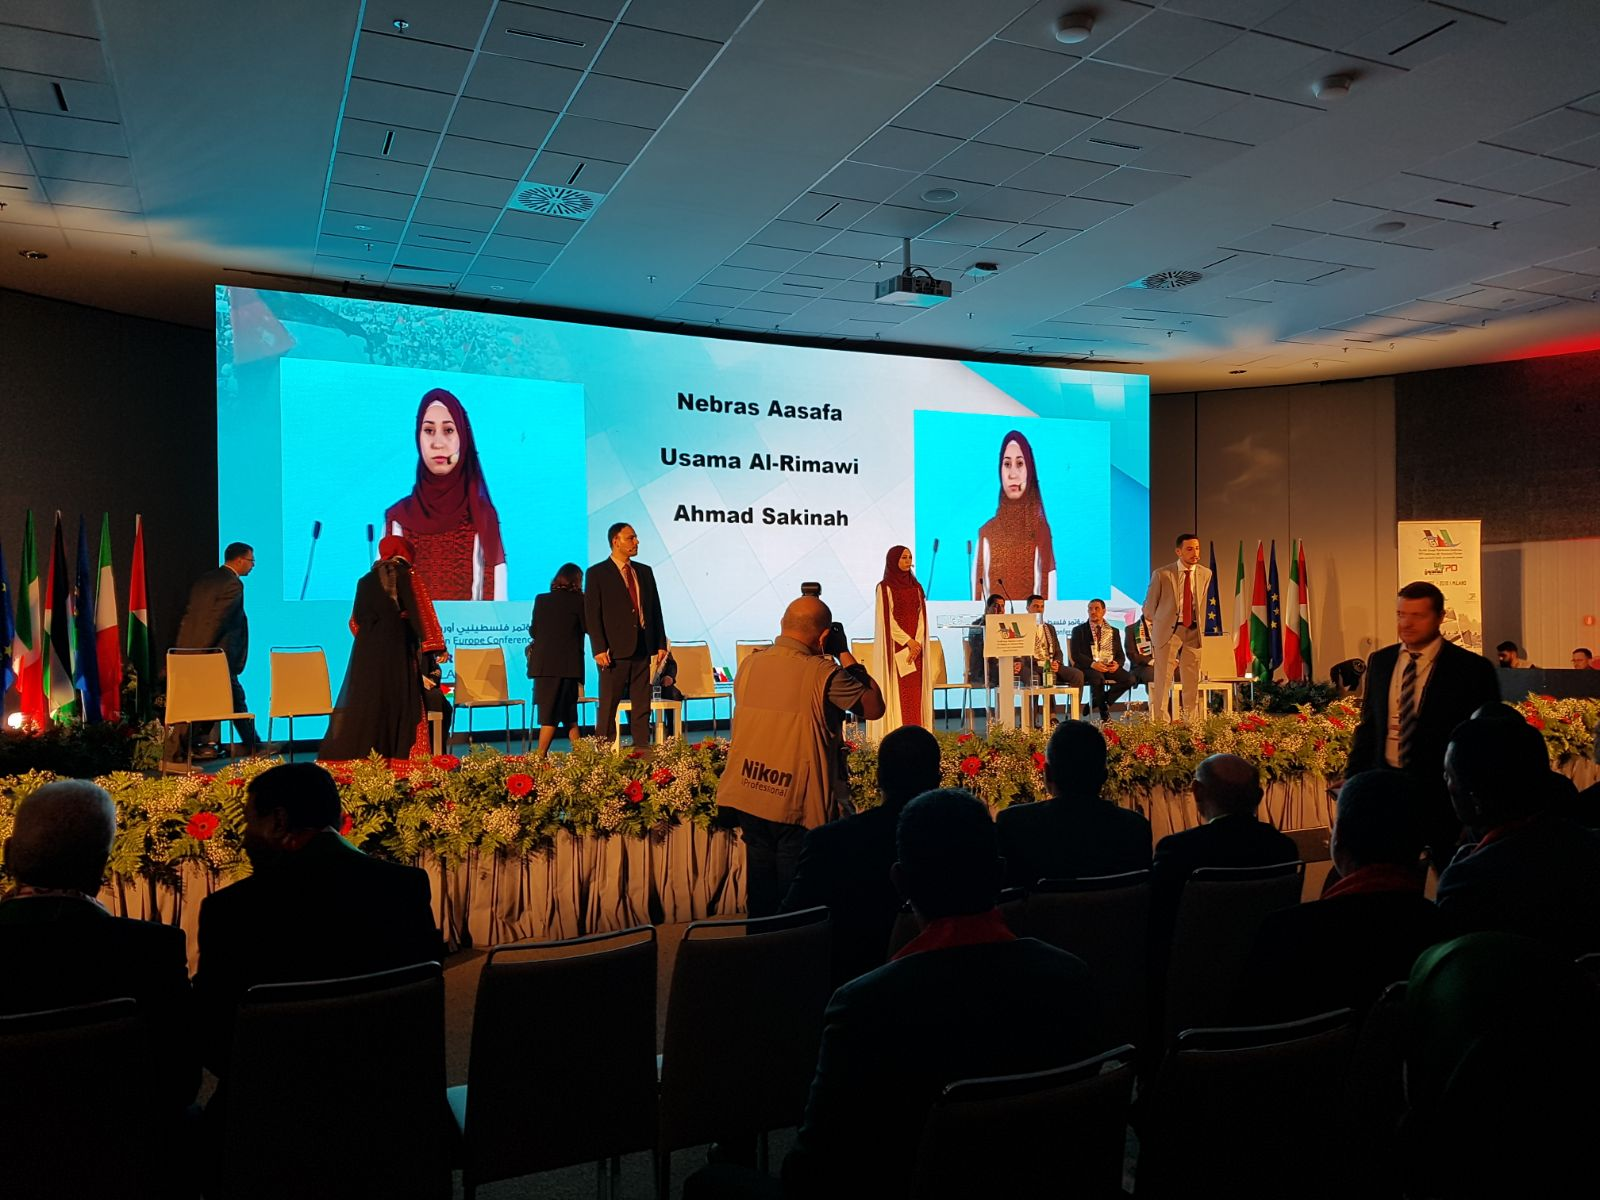 Il GPI e la XVI Conferenza dei Palestinesi d'Europa: commenti e impressioni